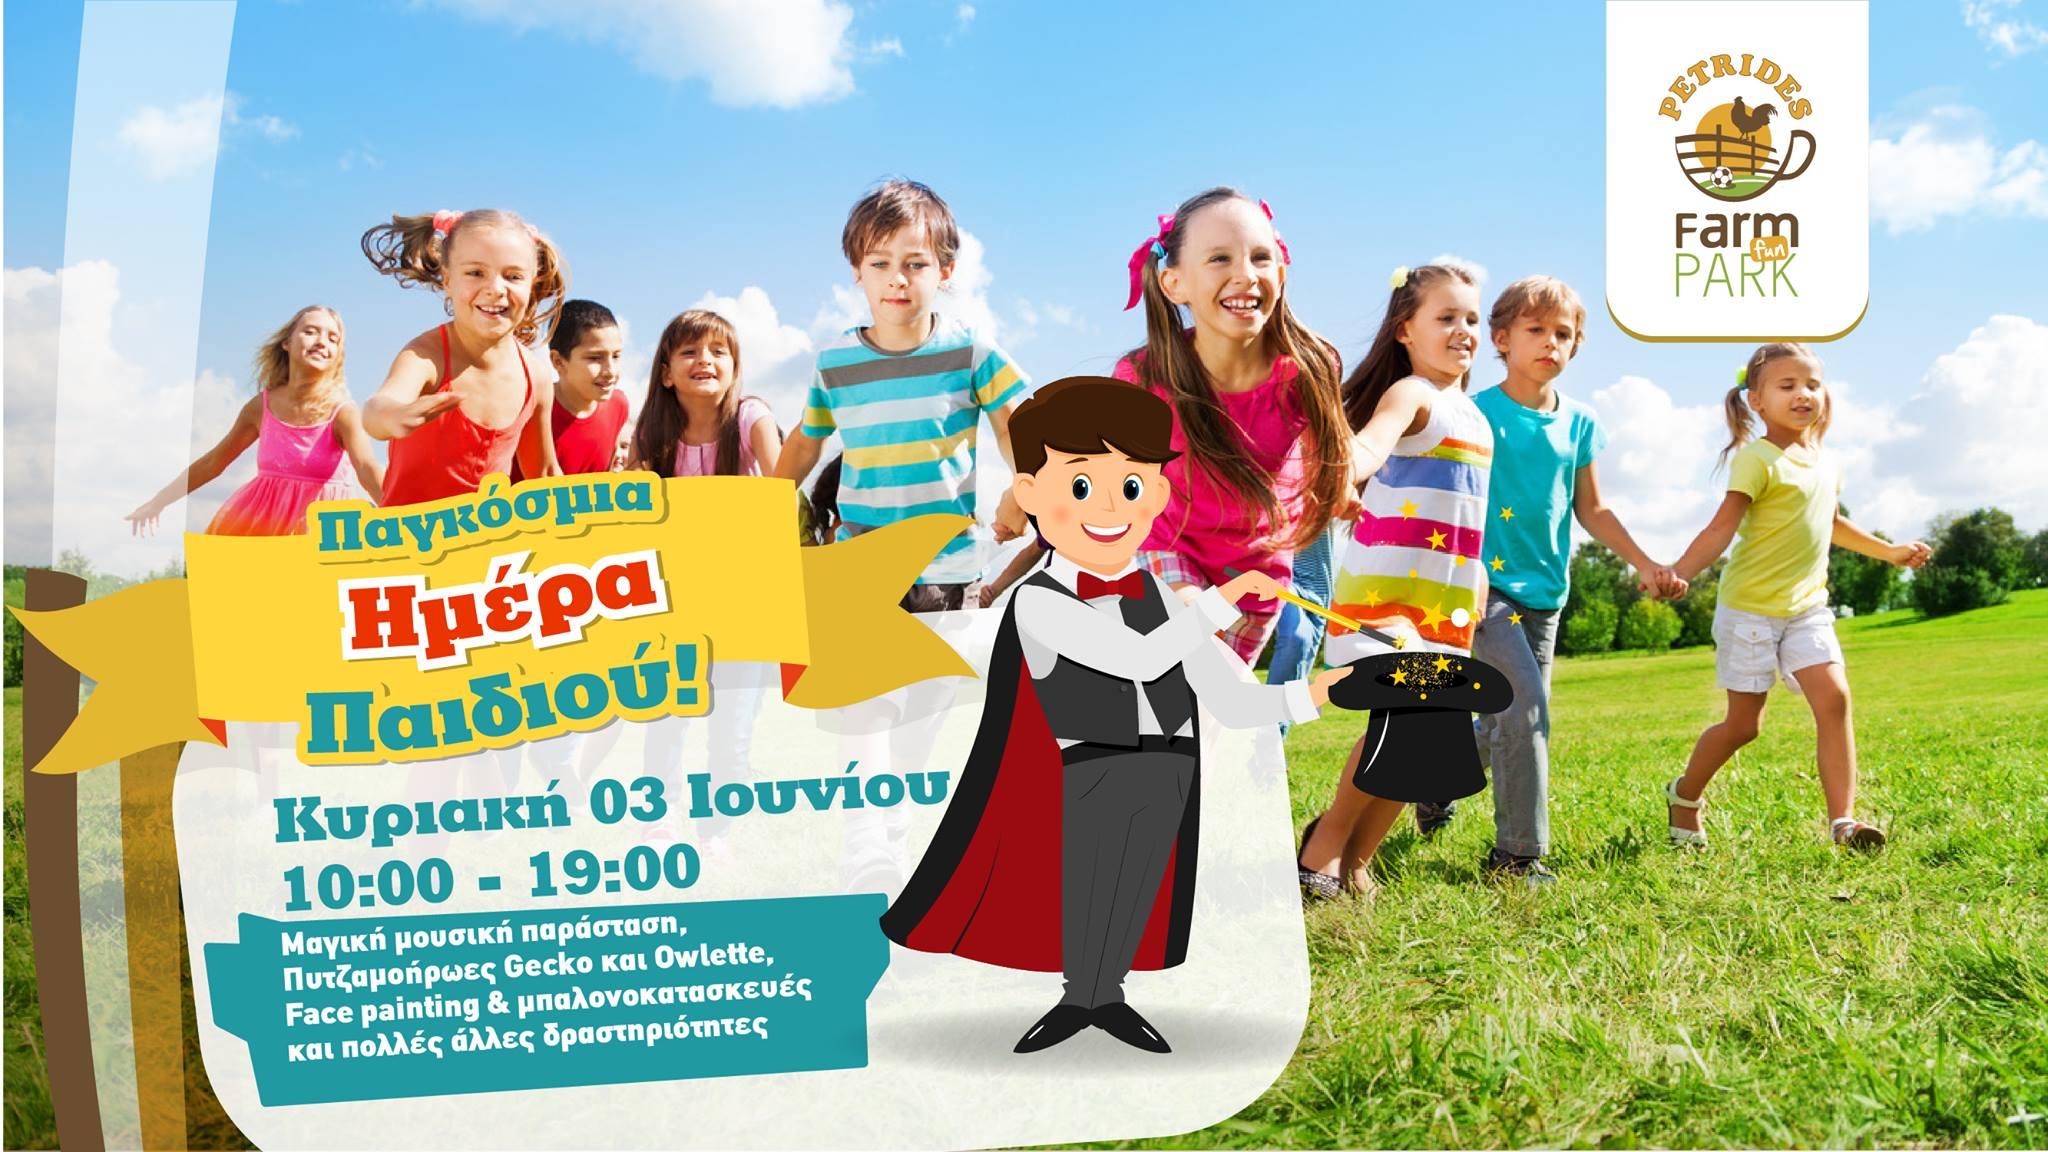 1ο Φεστιβάλ Παιδιού στο Petrides Farm Park